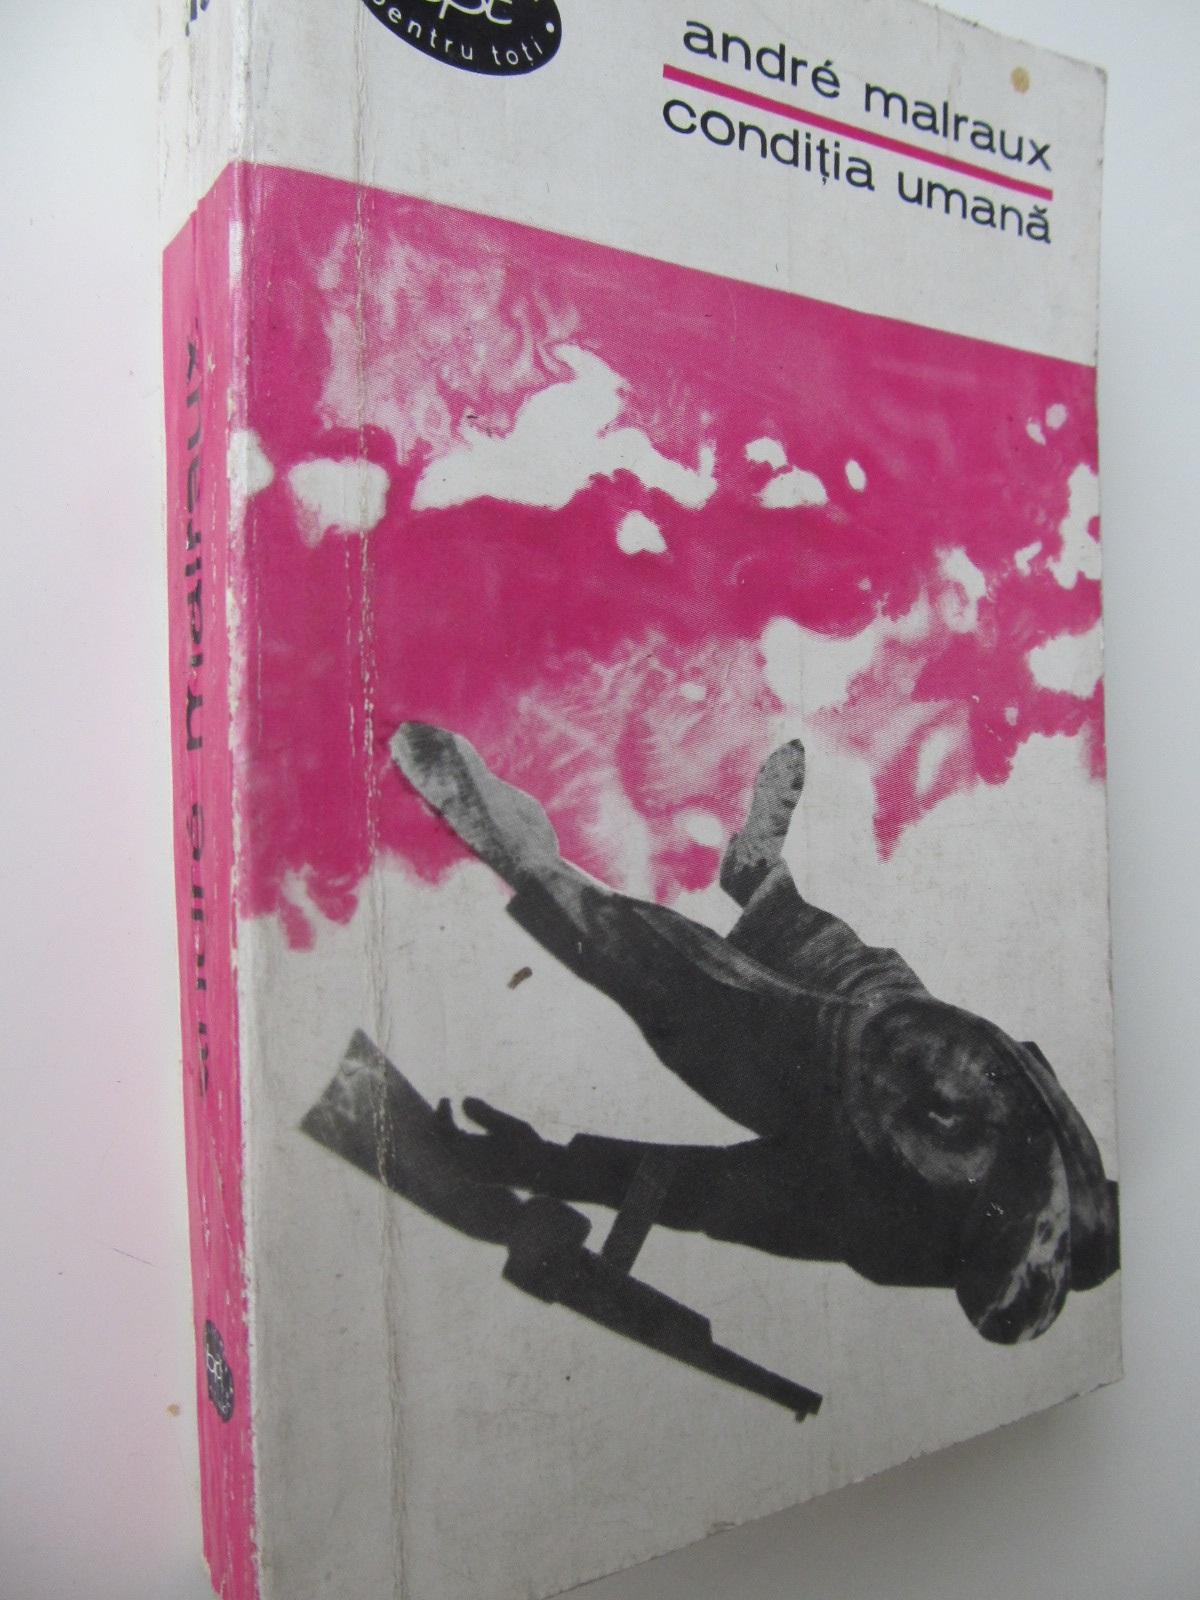 Conditia umana - Andre Malraux   Detalii carte